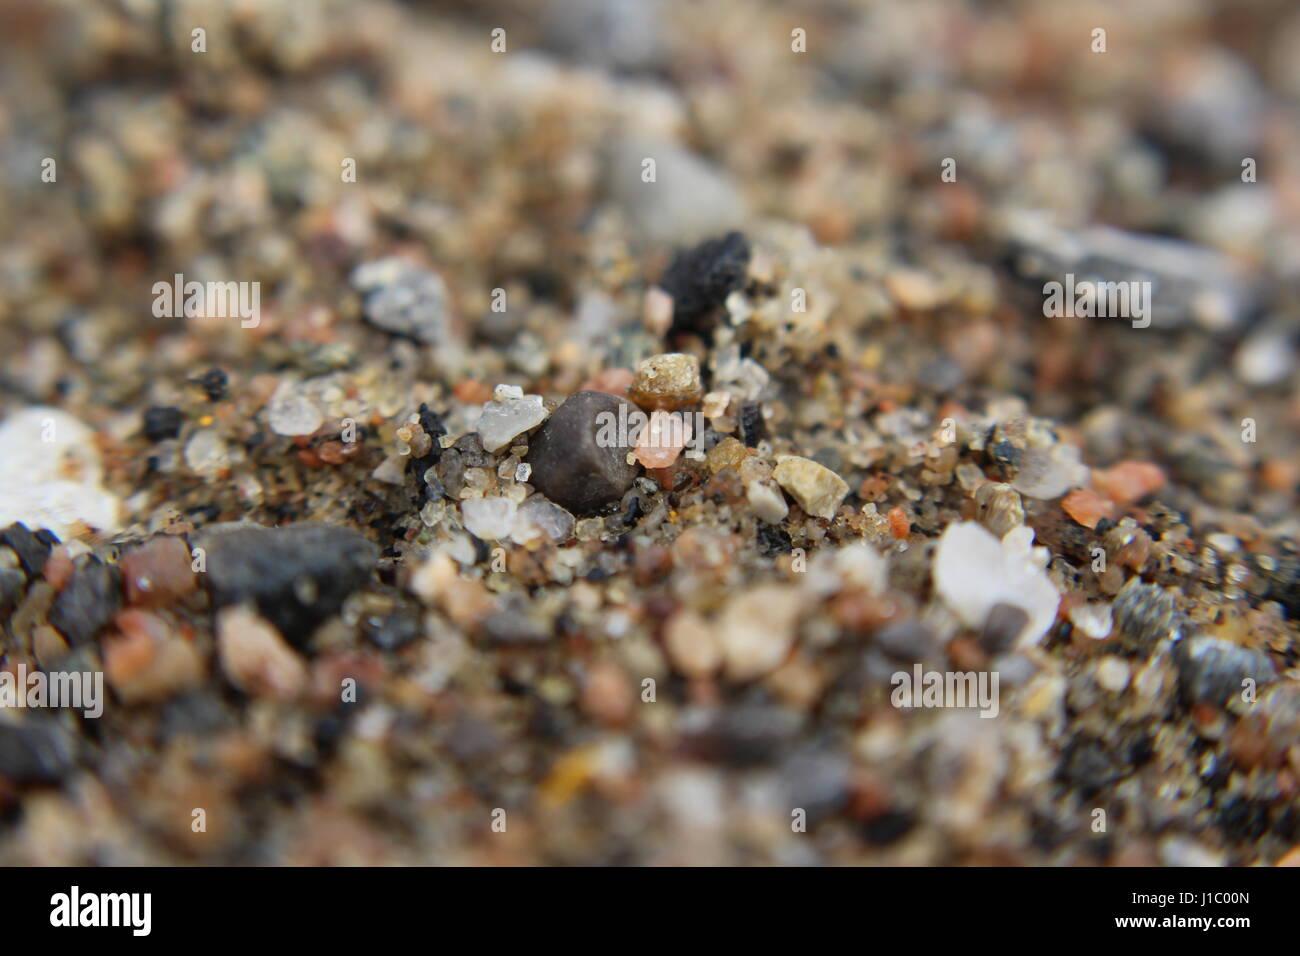 Grainy Sand - Stock Image